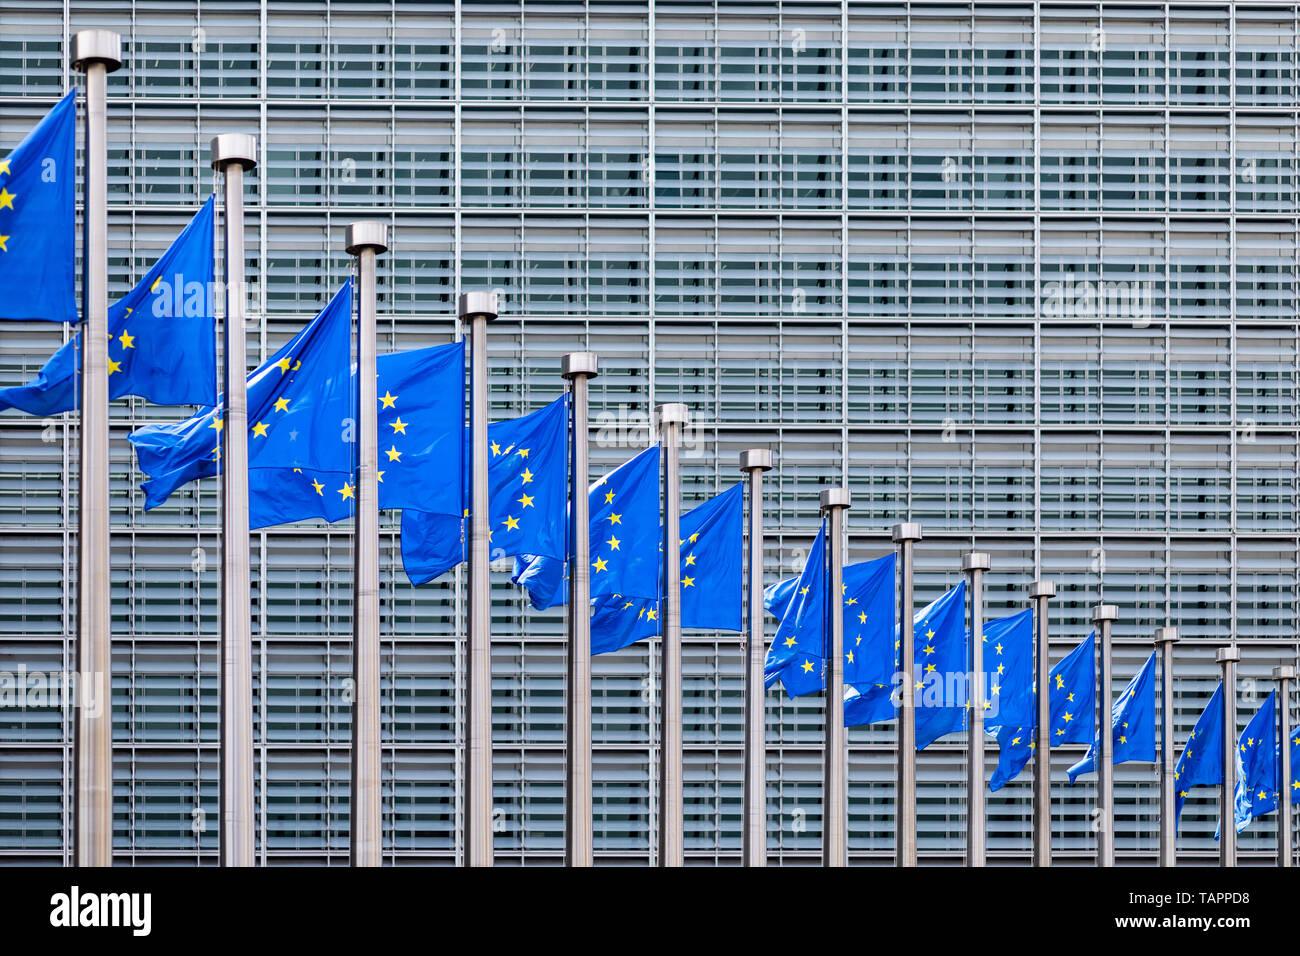 26 de mayo de 2019, Bélgica, Brüssel: pabellón europeo flutter en el viento en la parte delantera del edificio Berlaymont, sede de la Comisión Europea. A partir del 23 de mayo al 26 de mayo, los ciudadanos de 28 estados de la UE se elegirá un nuevo parlamento. Foto: Marcel Kusch/dpa Foto de stock